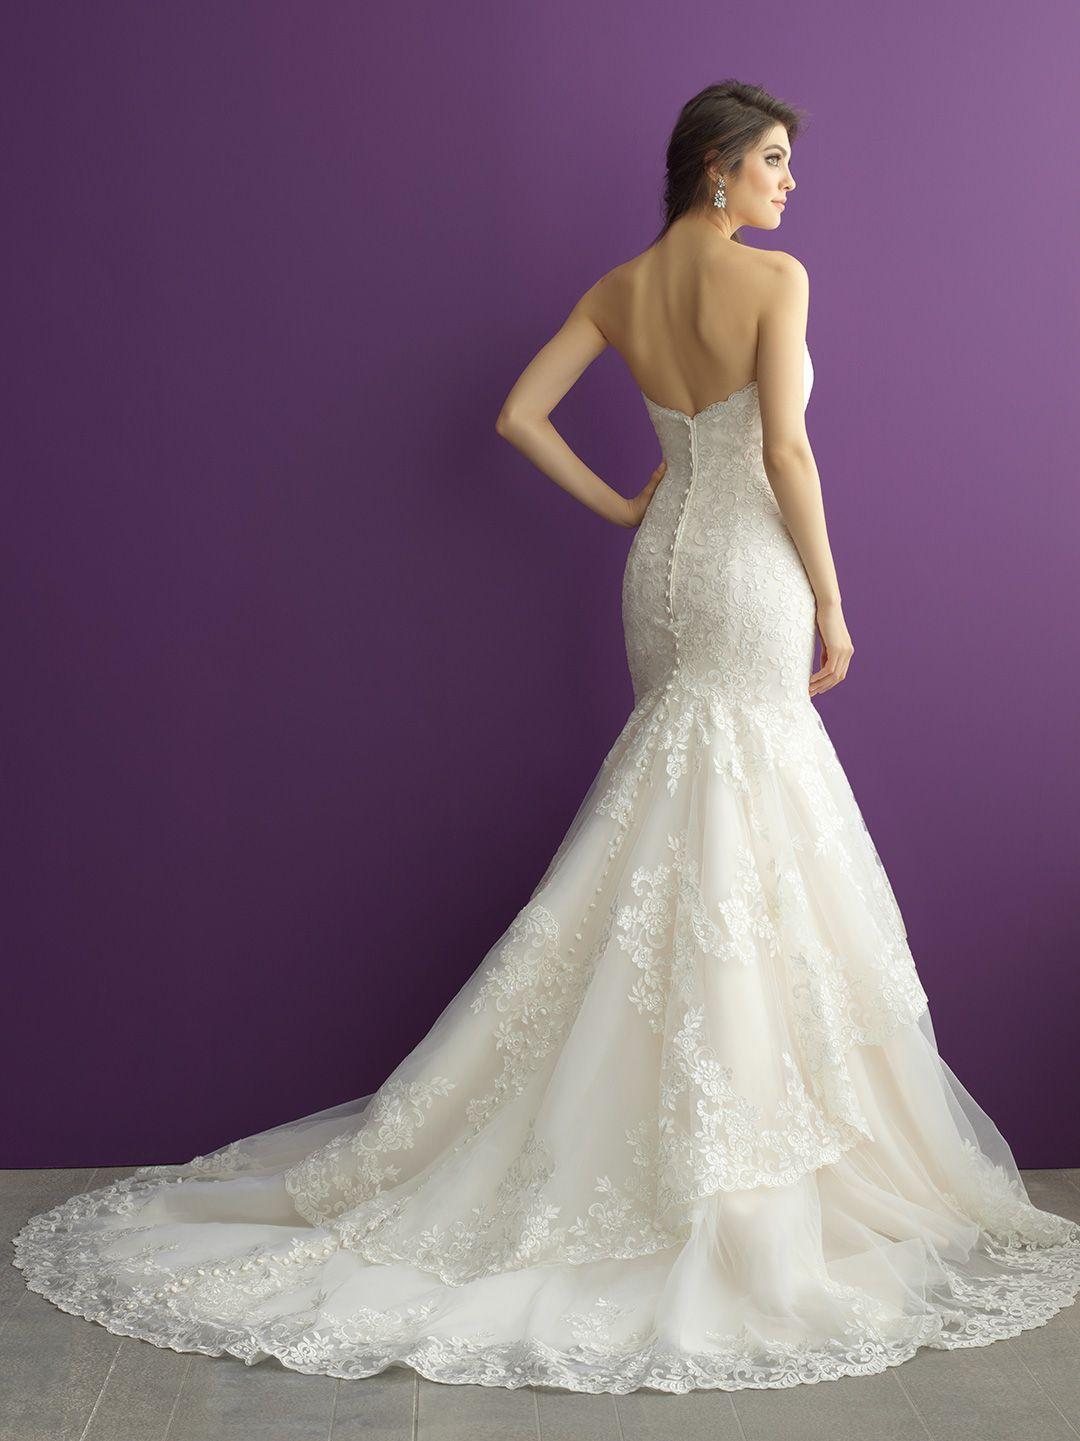 Allure wedding dress  Allure Bridals Style   MeettheKuchmans  Pinterest  Allure